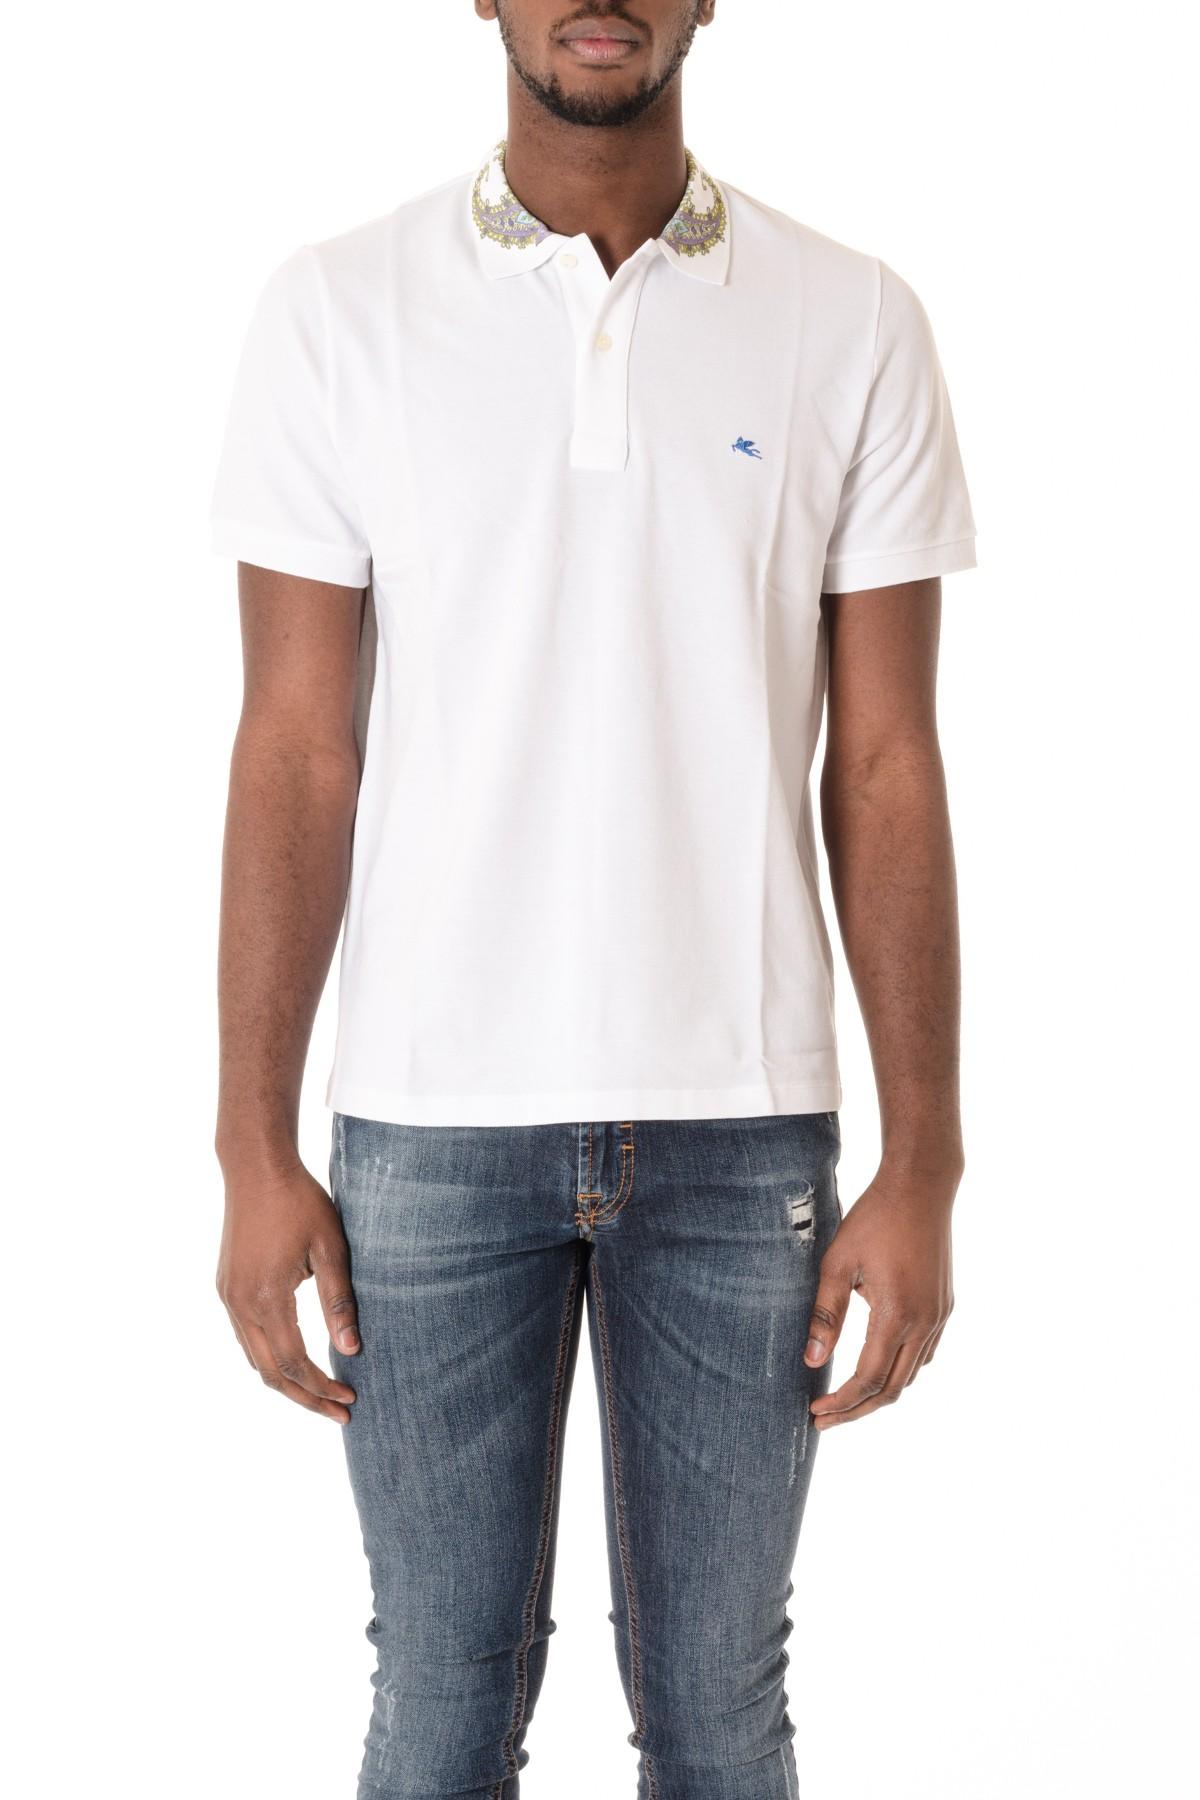 694955df2 ETRO S/S 16 White